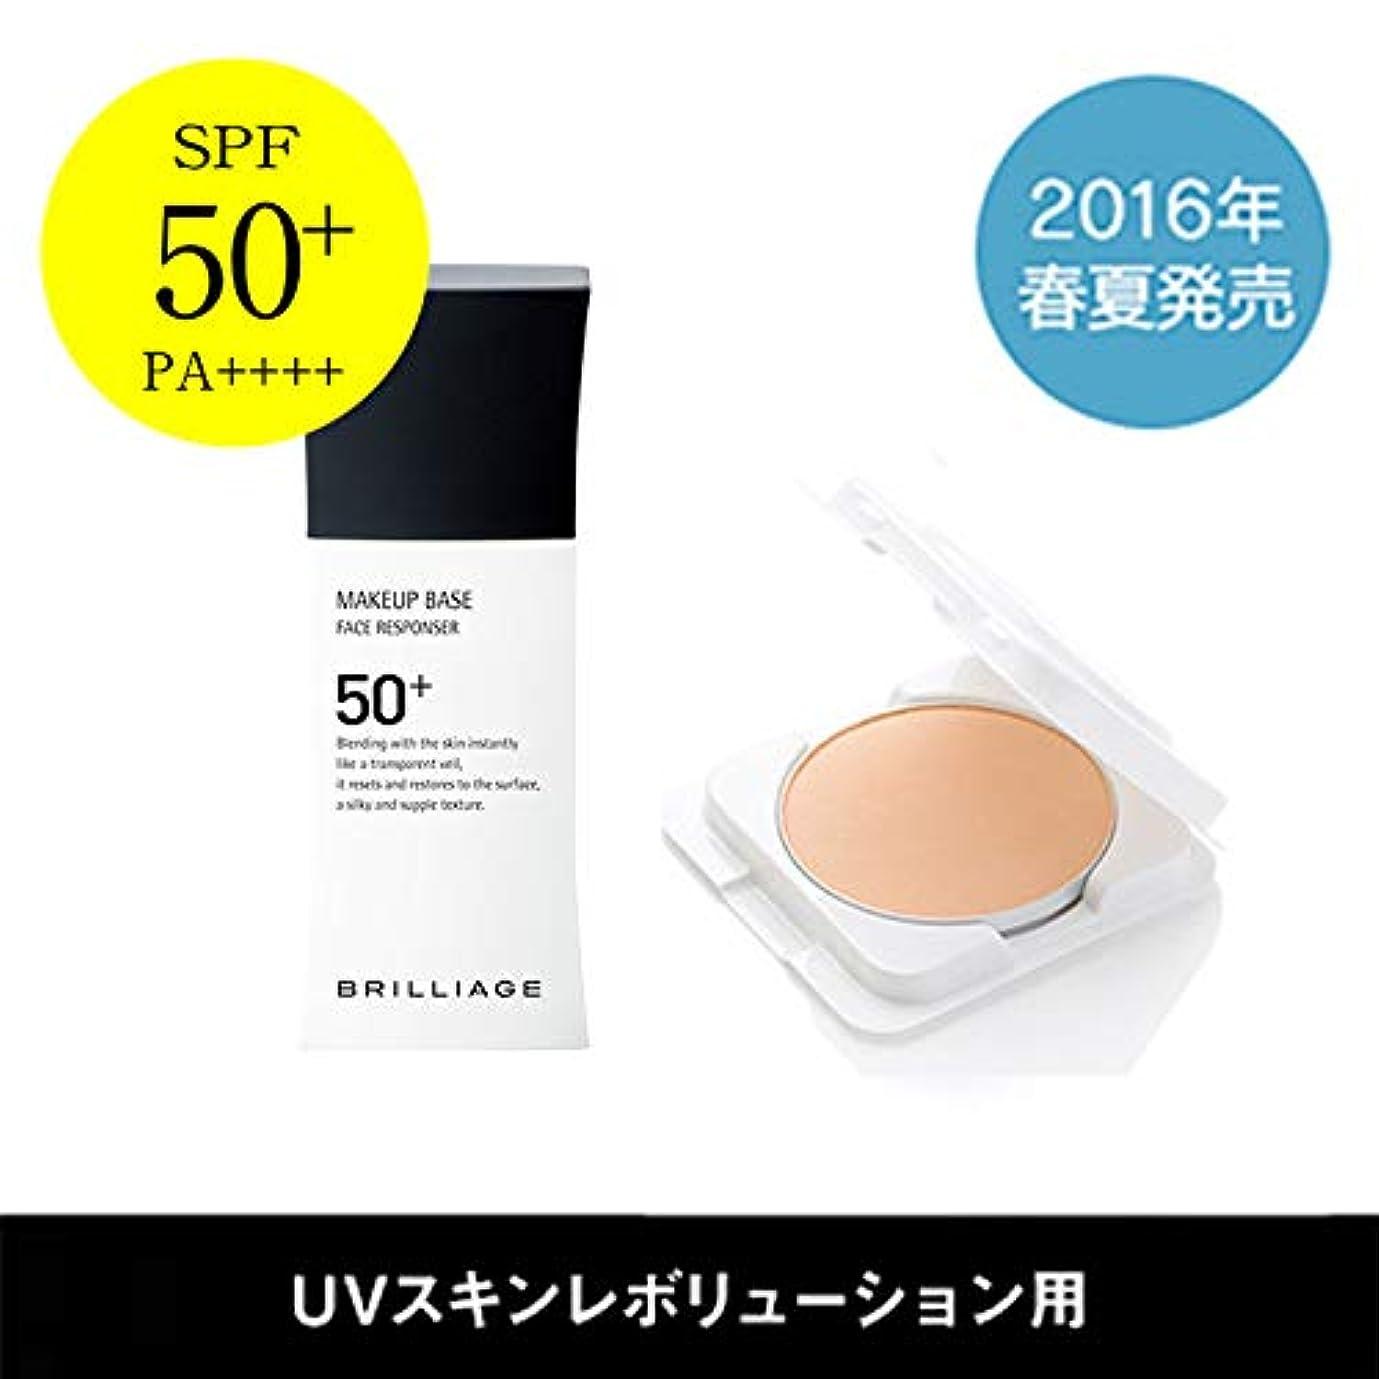 情緒的二適切なブリリアージュ(BRILLIAGE) メイクアップベース プラス 33g + UVスキンレボリューション リフィル 化粧下地 ミディアムベージュ60 セット 63